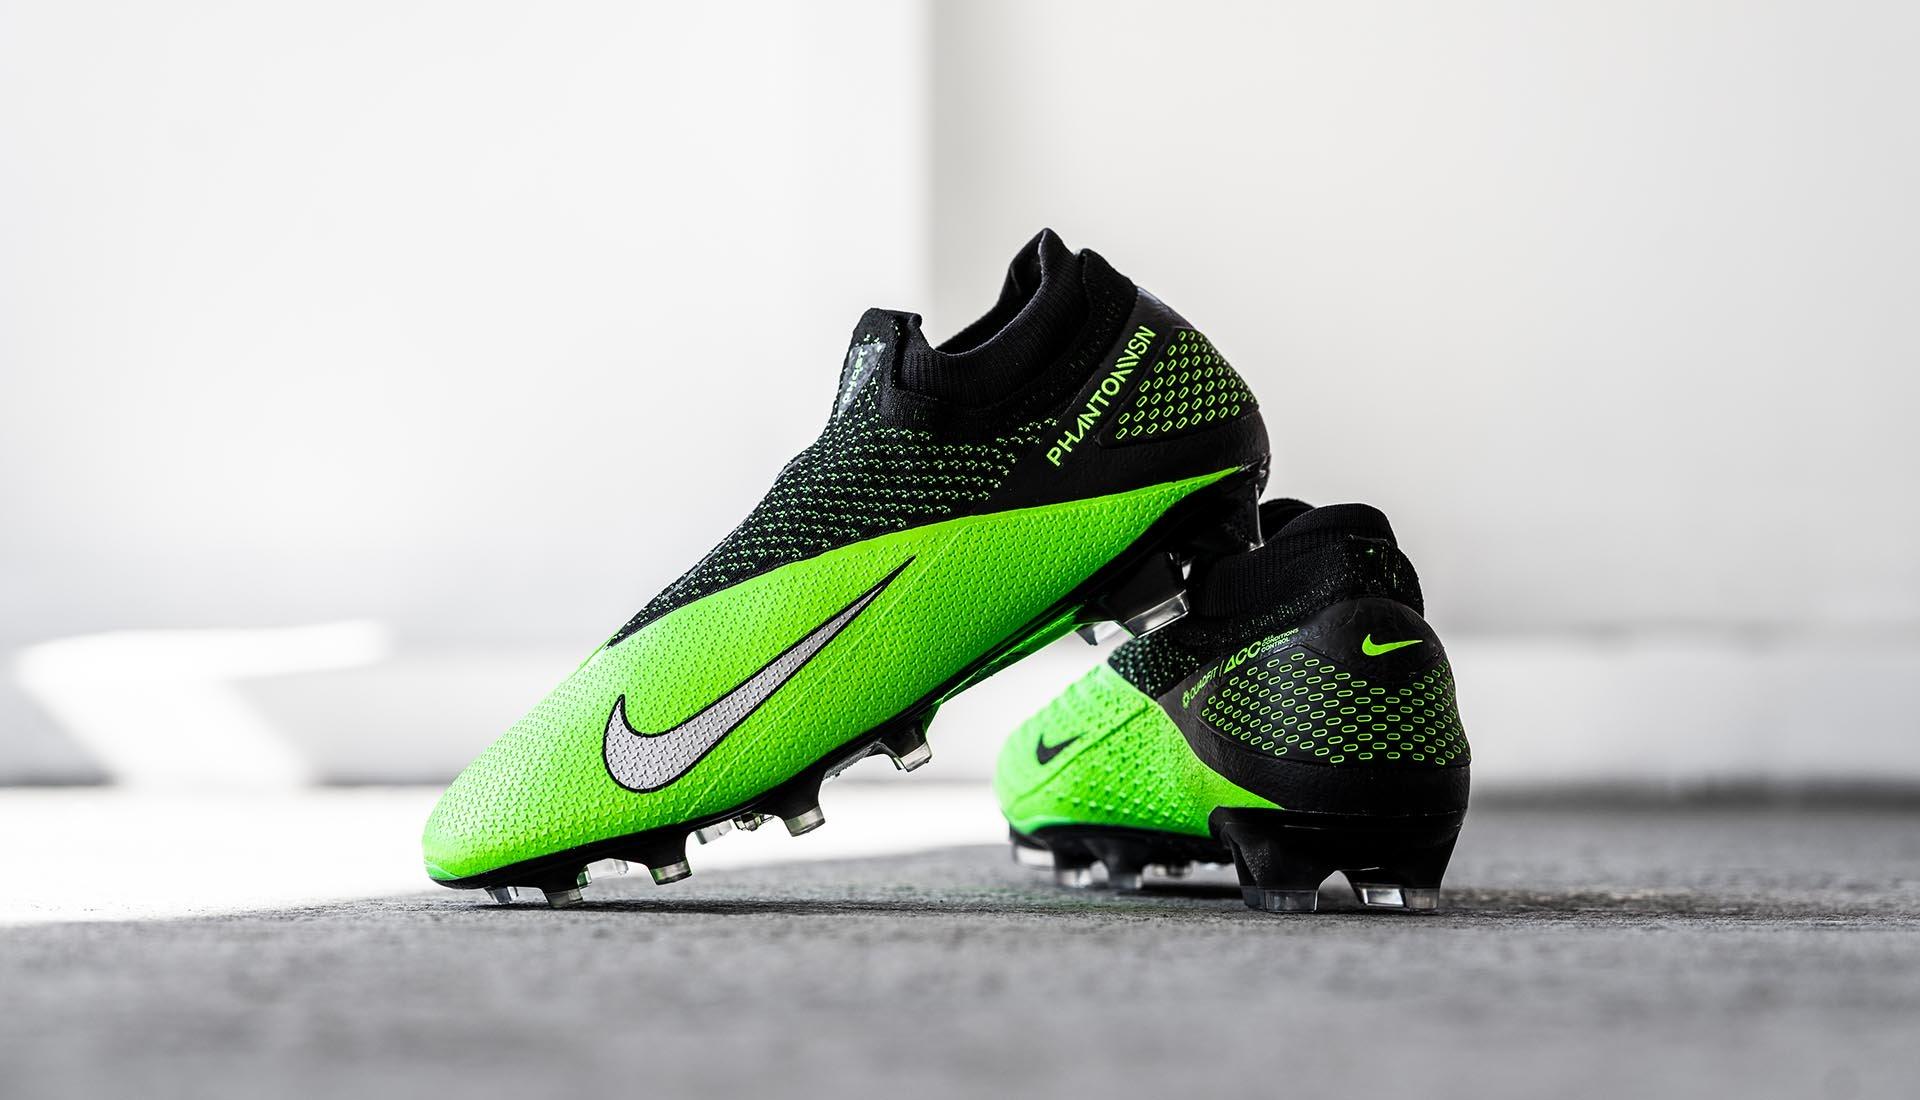 Giày đá bóng Nike Phantom VSN Future Lab II 2020